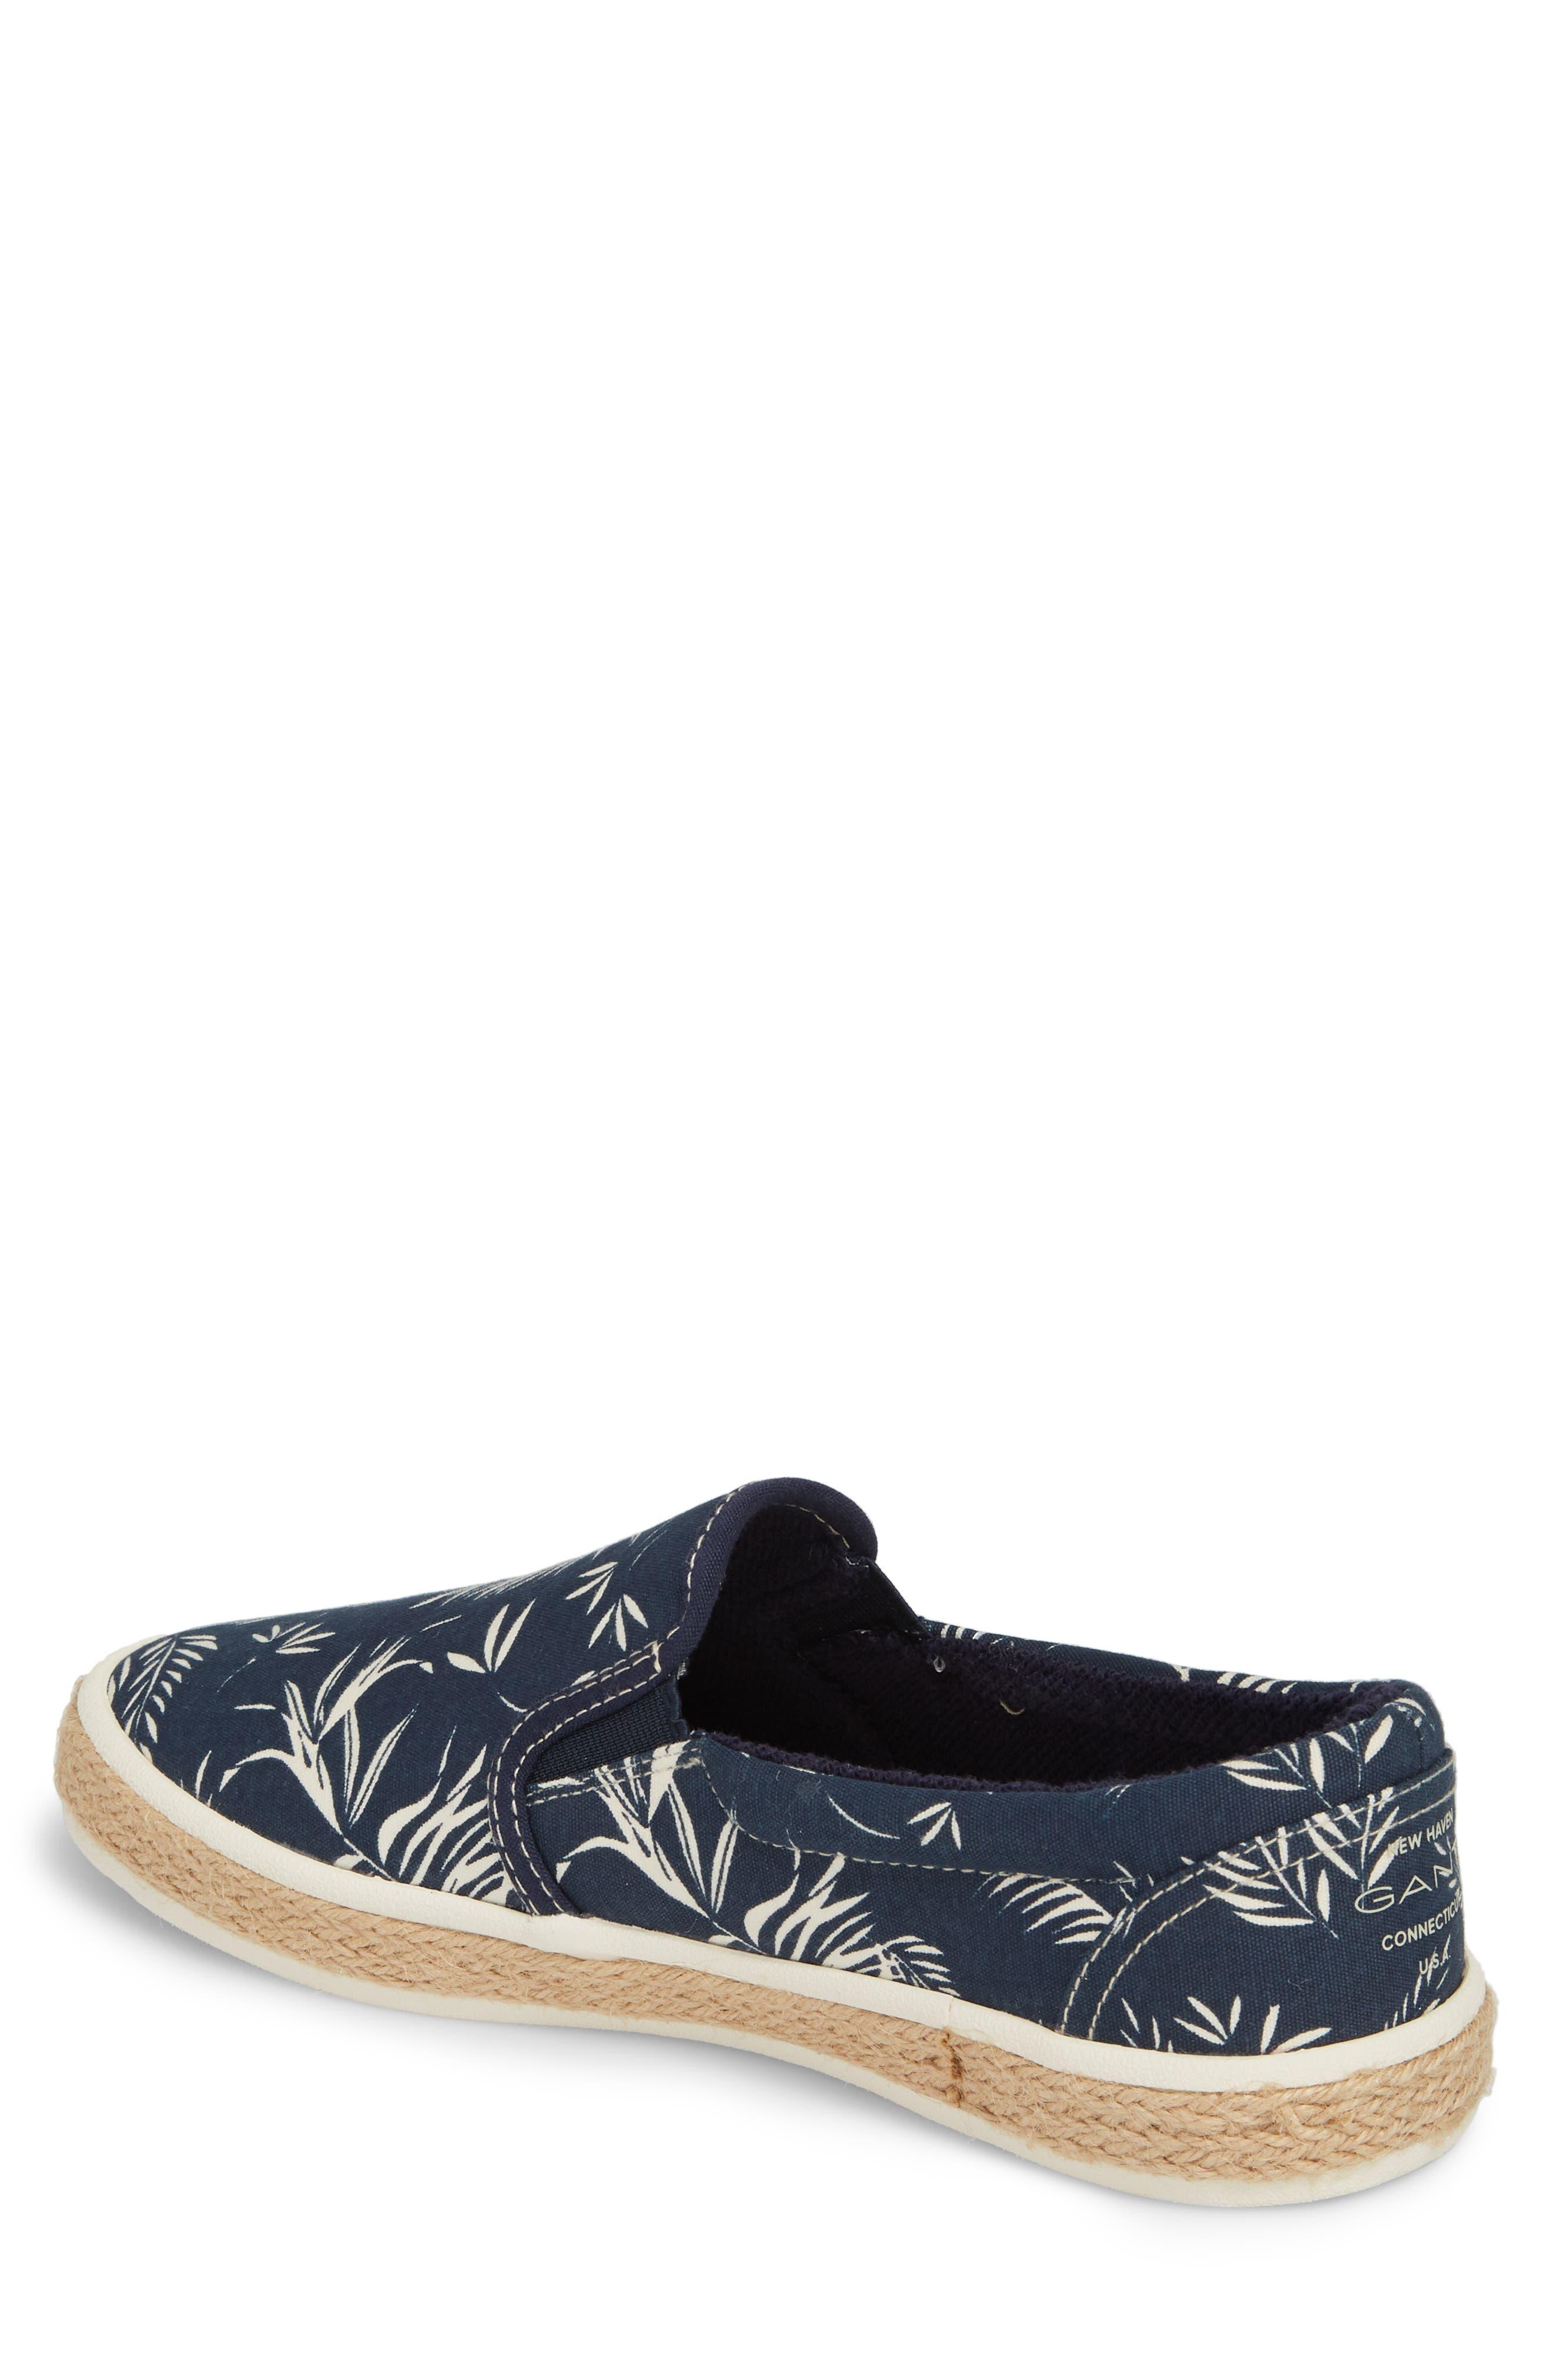 Master Espadrille Slip-On Sneaker,                             Alternate thumbnail 2, color,                             MULTI BLUE